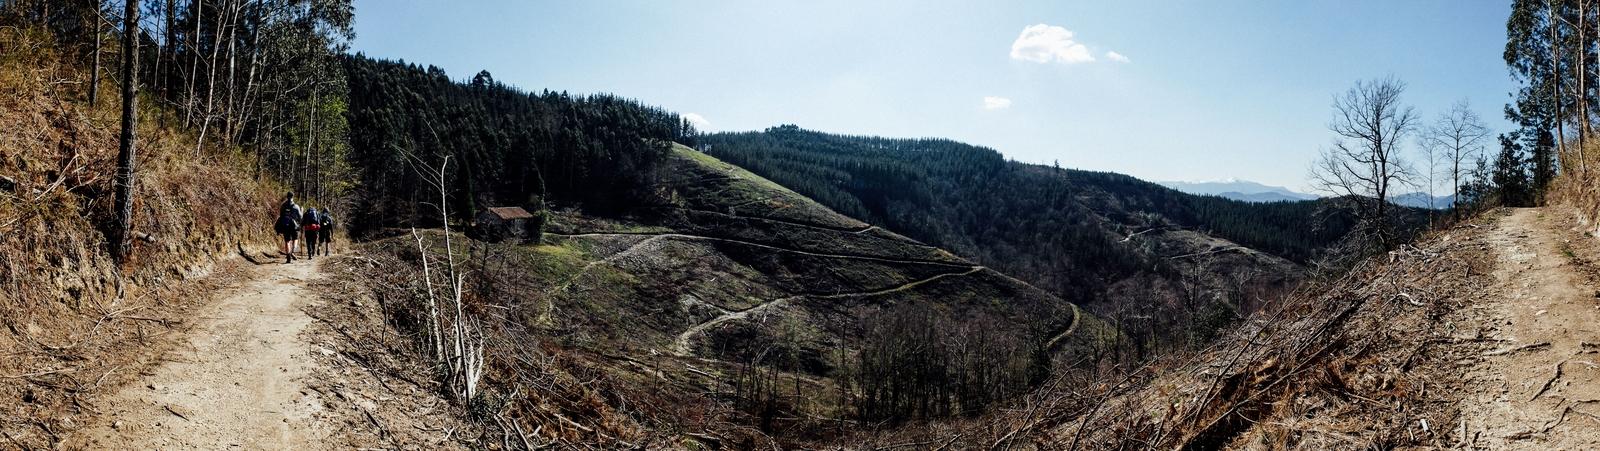 Jakobsweg - Camino del Norte (96)